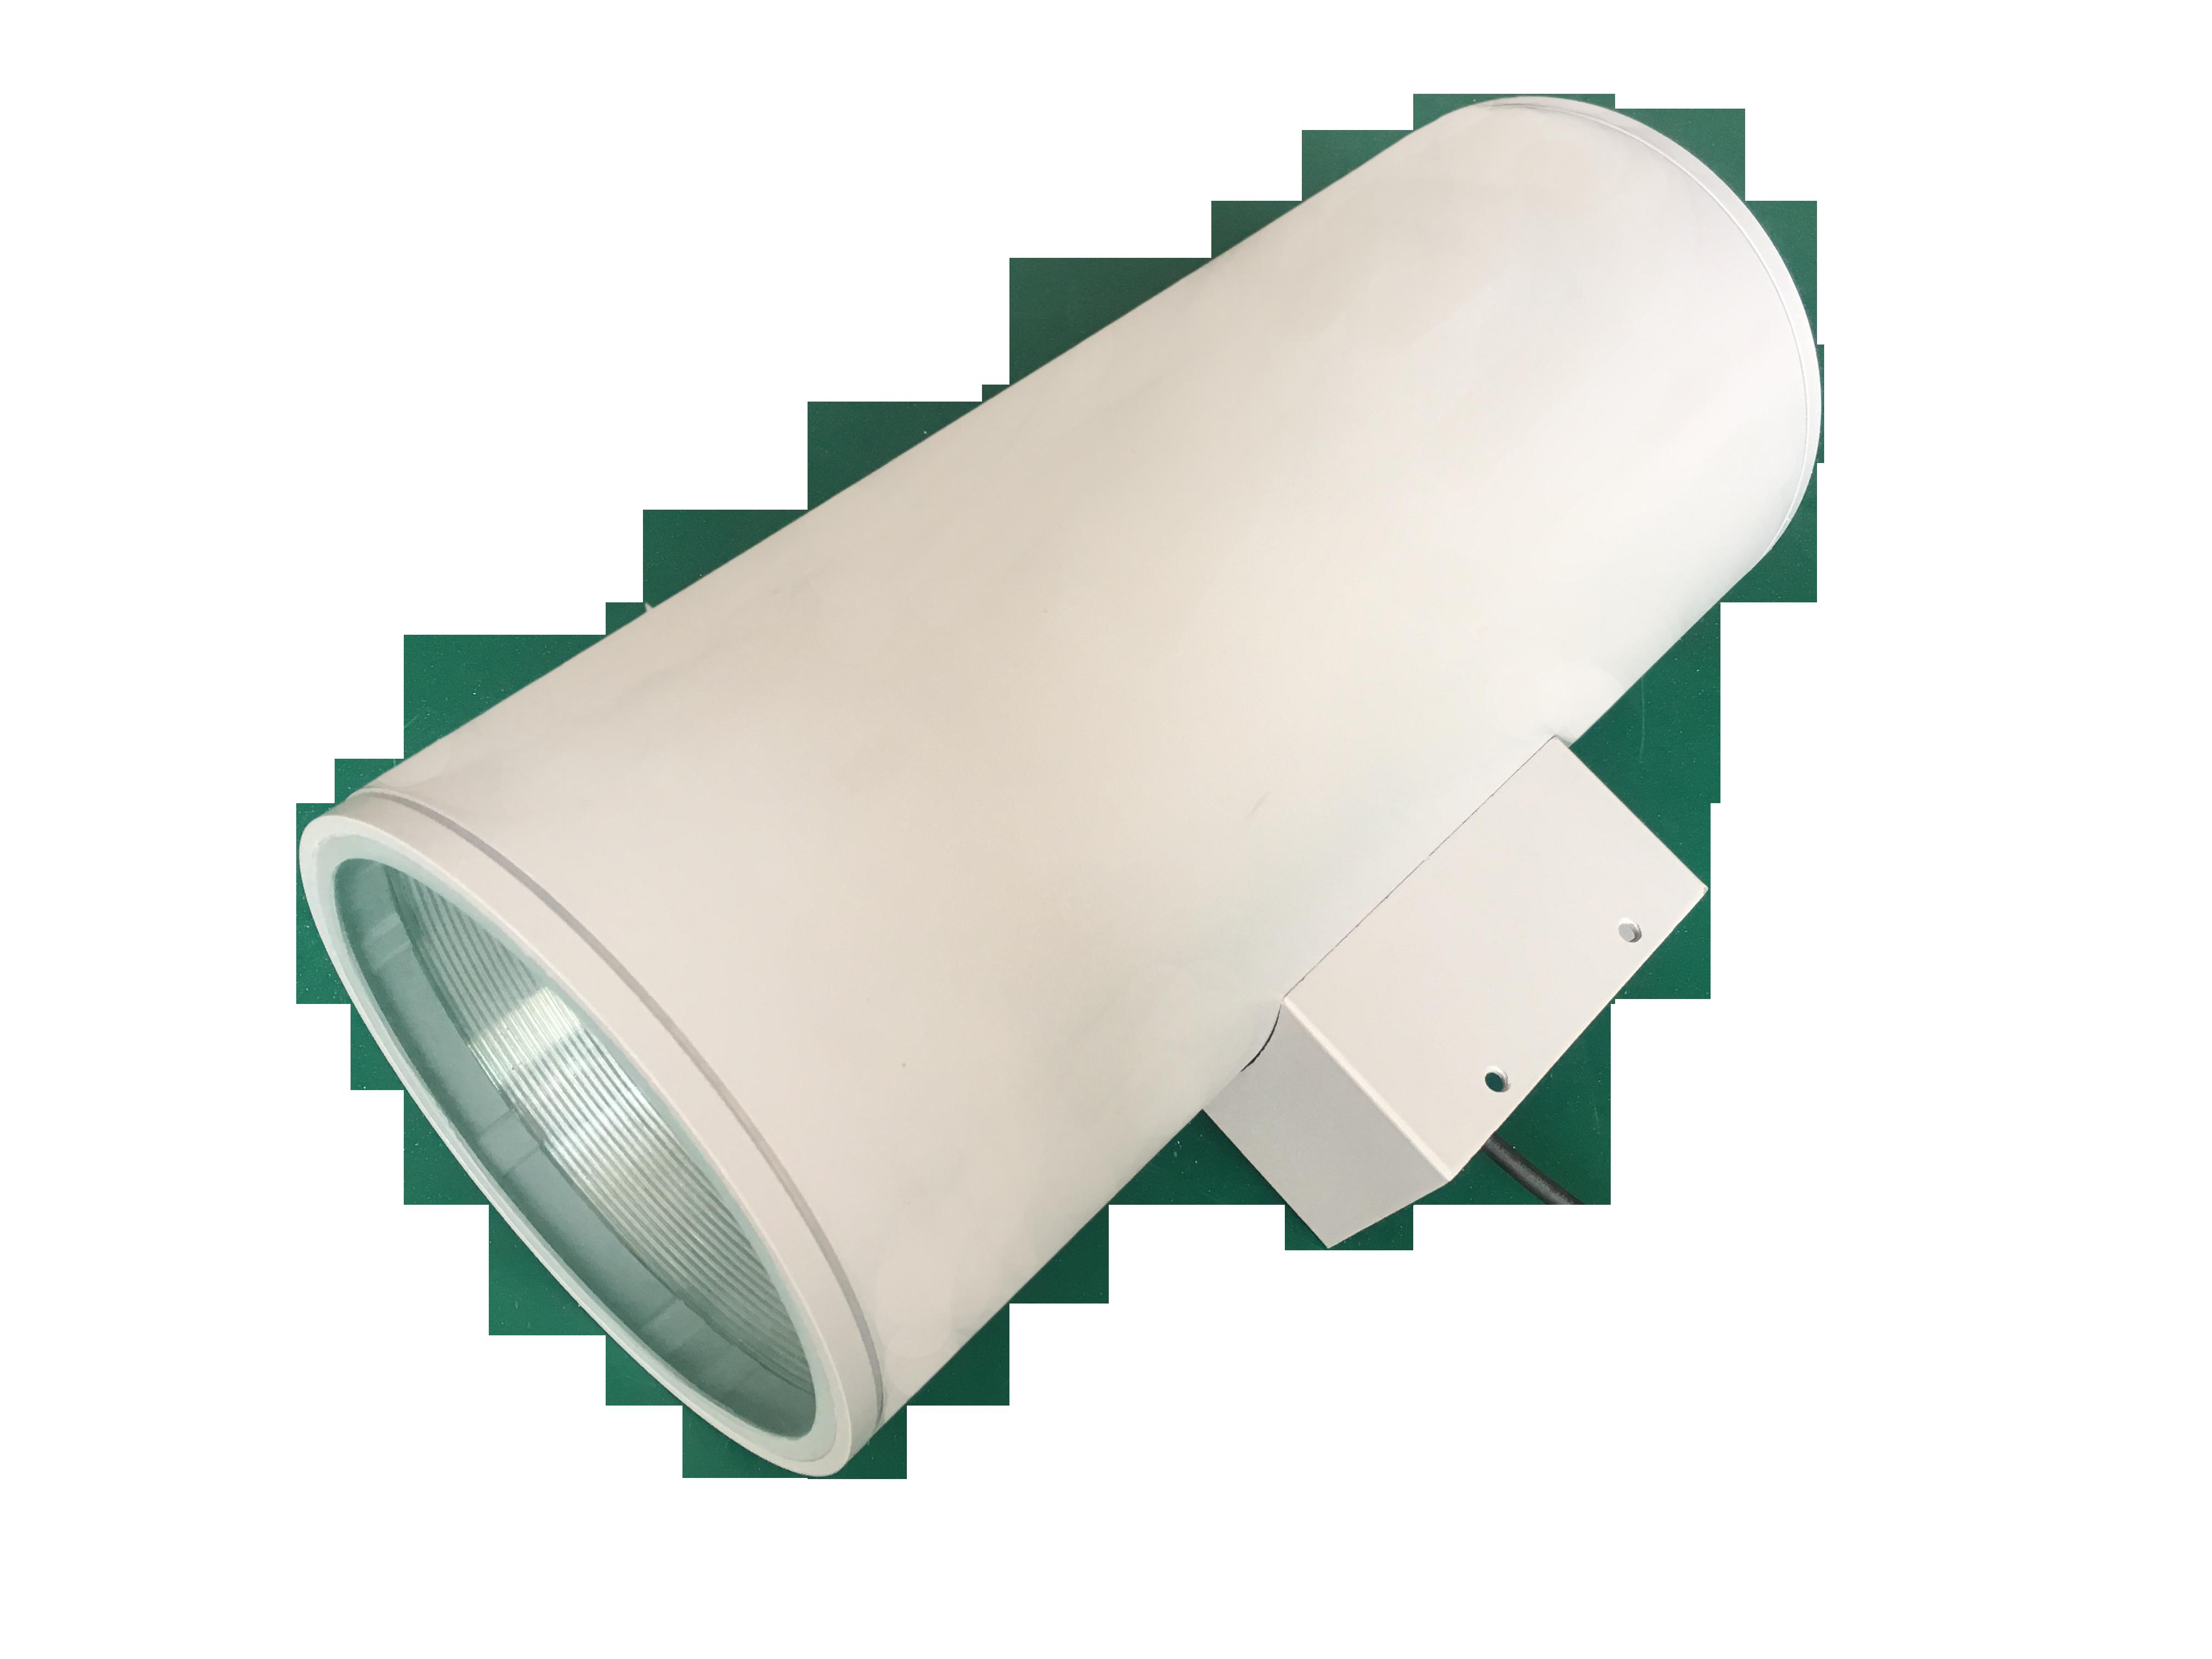 48W双向壁灯  户外led防水壁灯 48W双向壁灯厂家直销